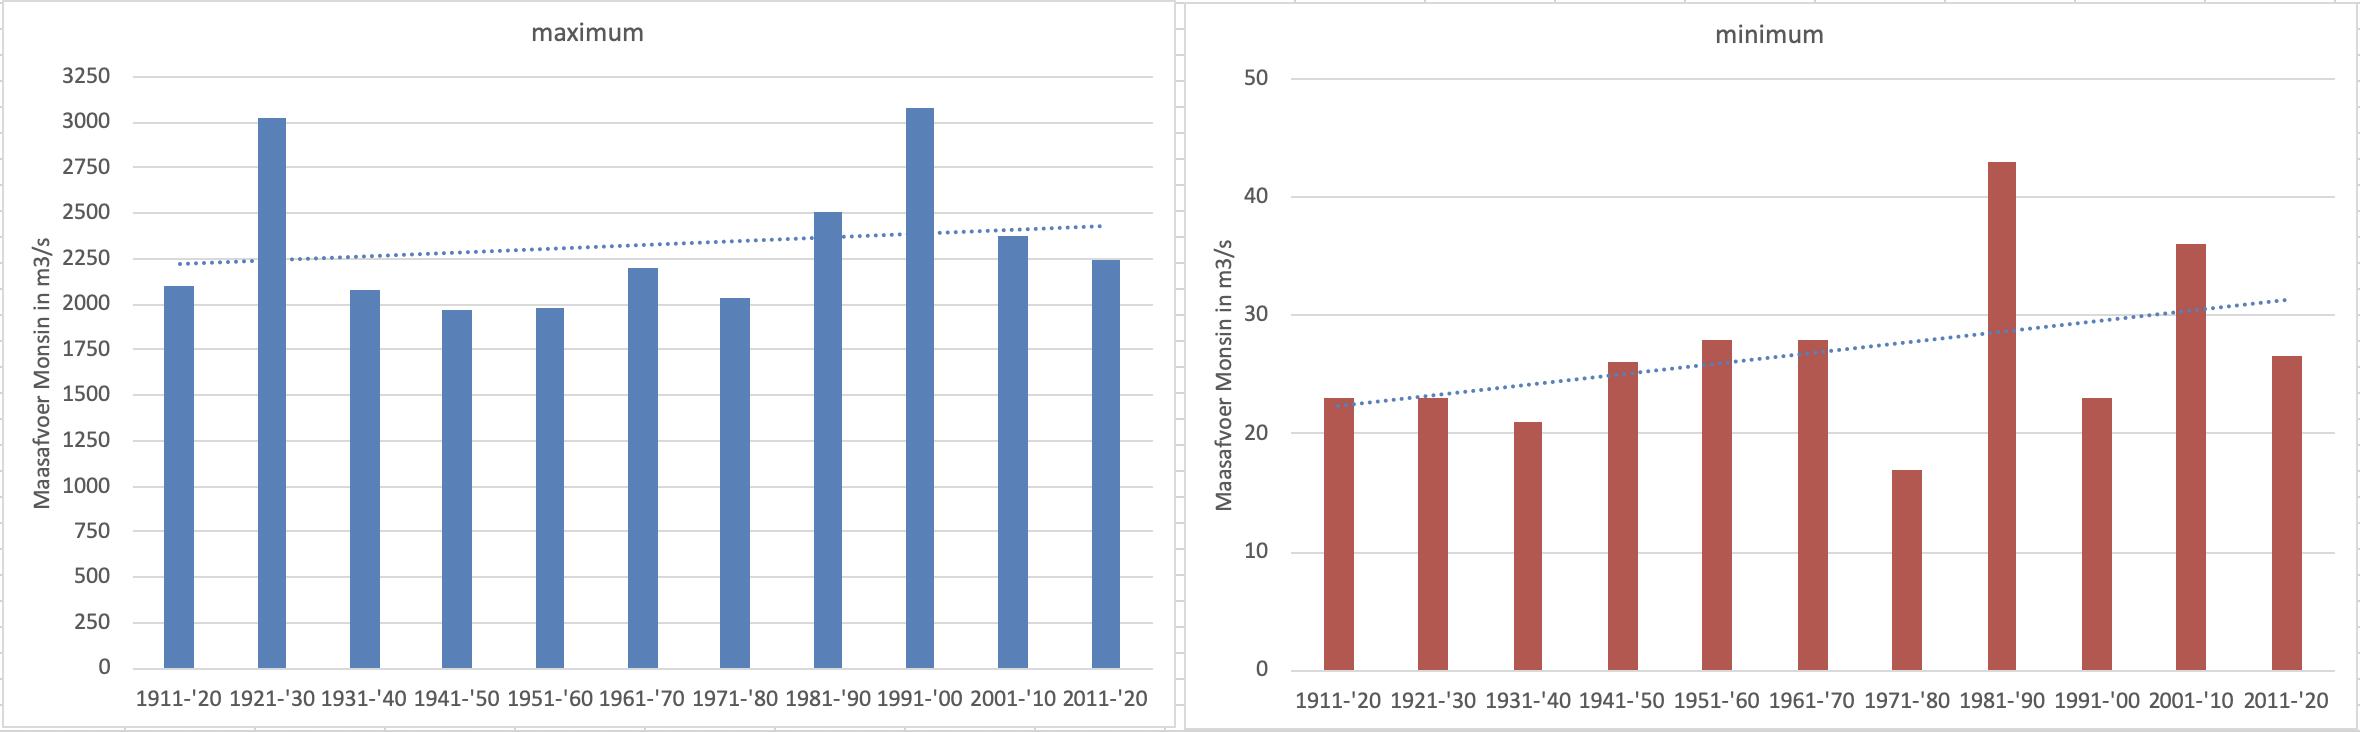 Hoogste en laagste Maasafvoer per decennium sinds 1911 t/m 2020. Het gaat om de waarde bij Monsin; bij Maastricht is deze ca 15 m3/s lager.